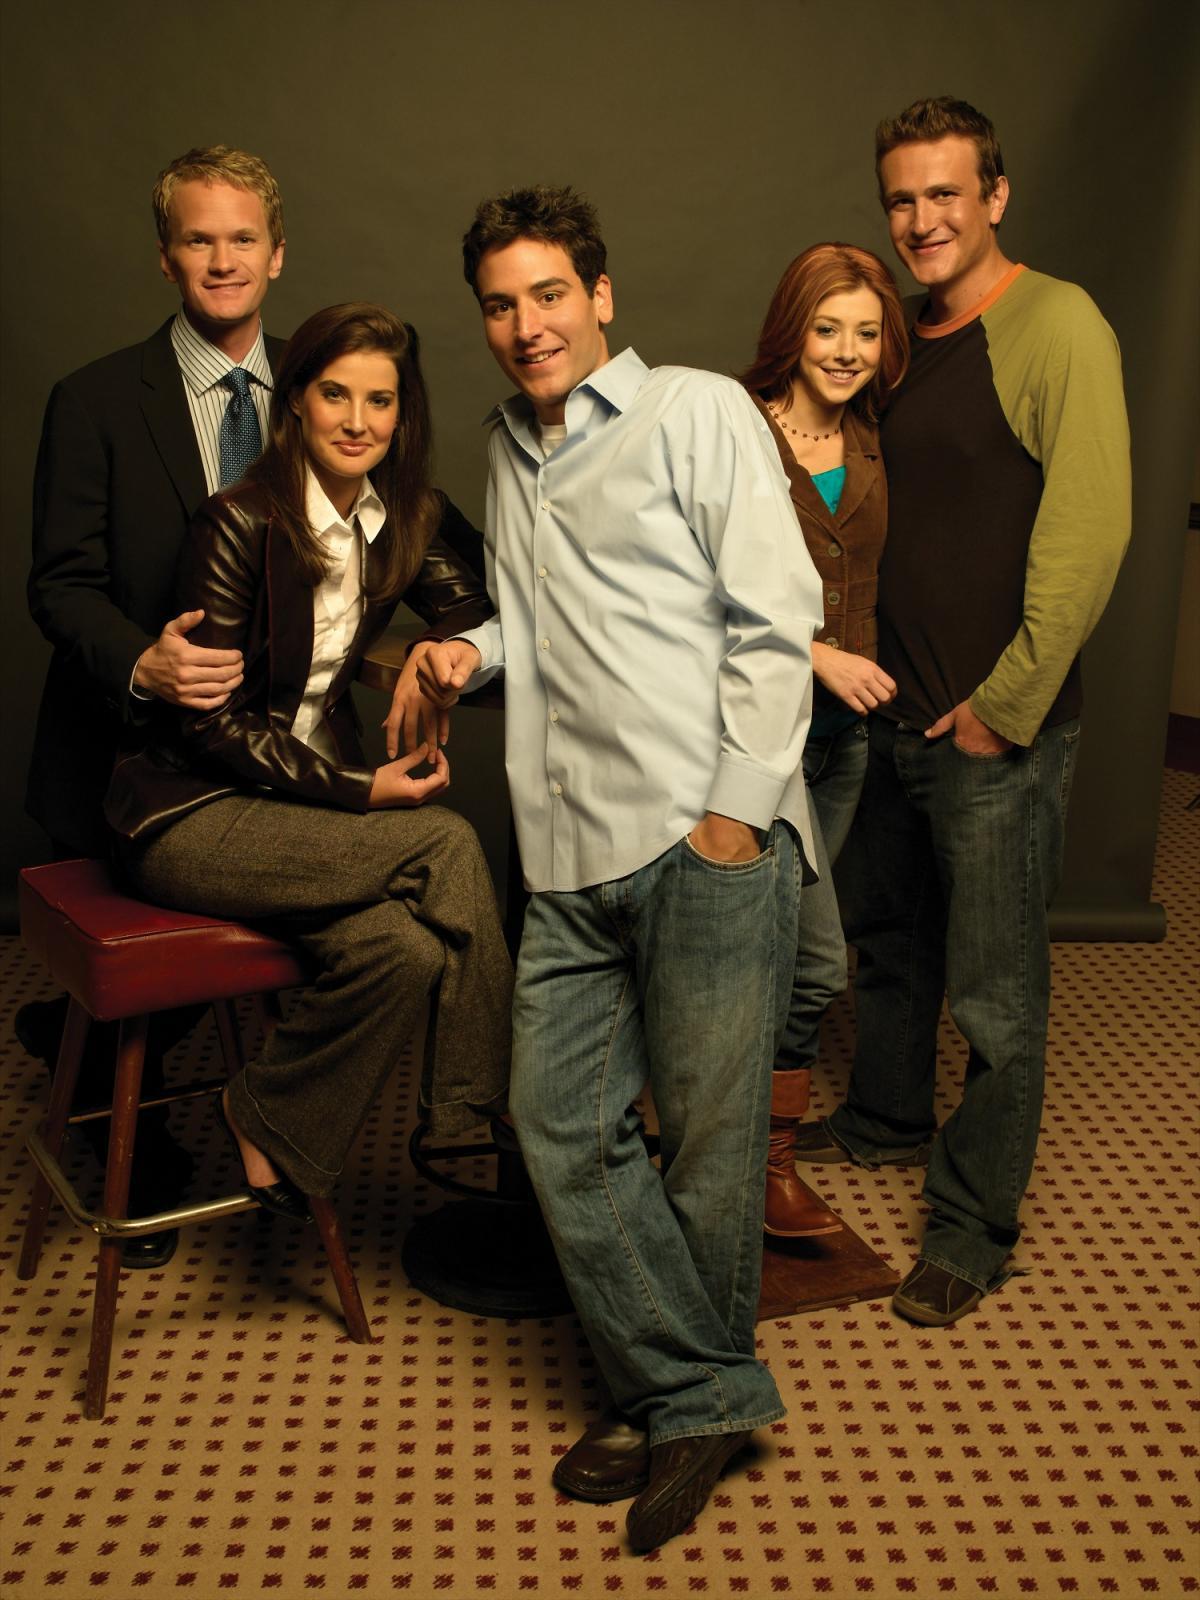 """תמונה של אליסון הניגן עם ג'ייסון סיגל, ג'וש רדנור, קובי סמולדרס, ניל פטריק האריס מתוך """"איך פגשתי את אמא"""""""